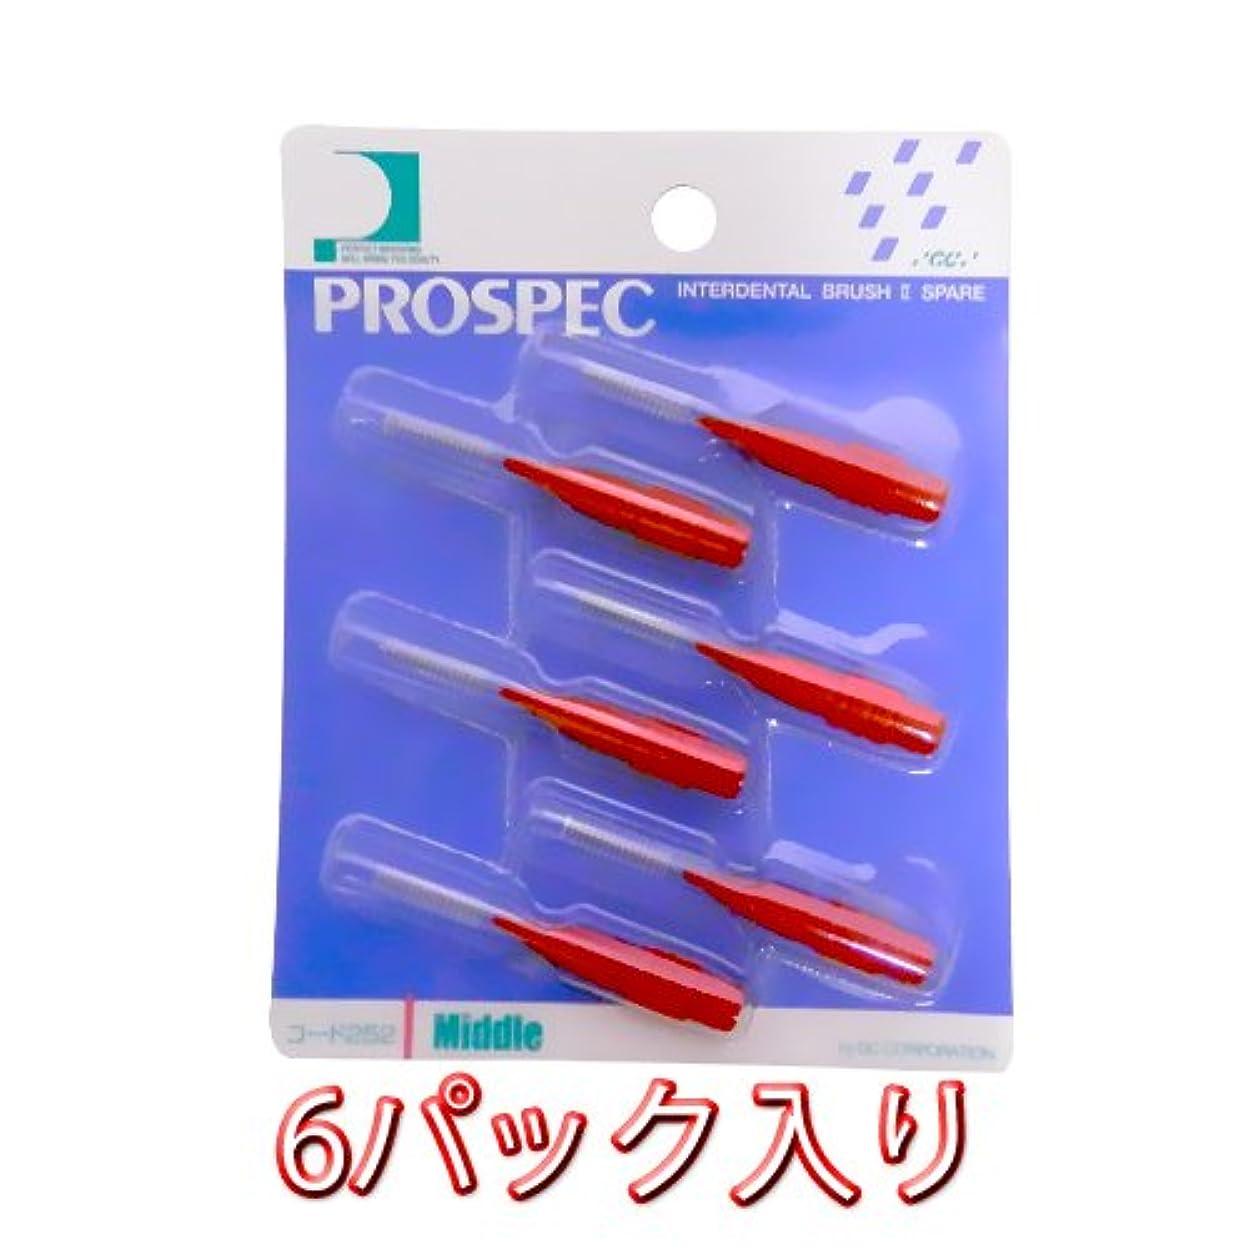 ダイヤモンドバングラデシュアクションプロスペック 歯間ブラシ2 スペアー ブラシのみ6本入 × 6パック M レッド